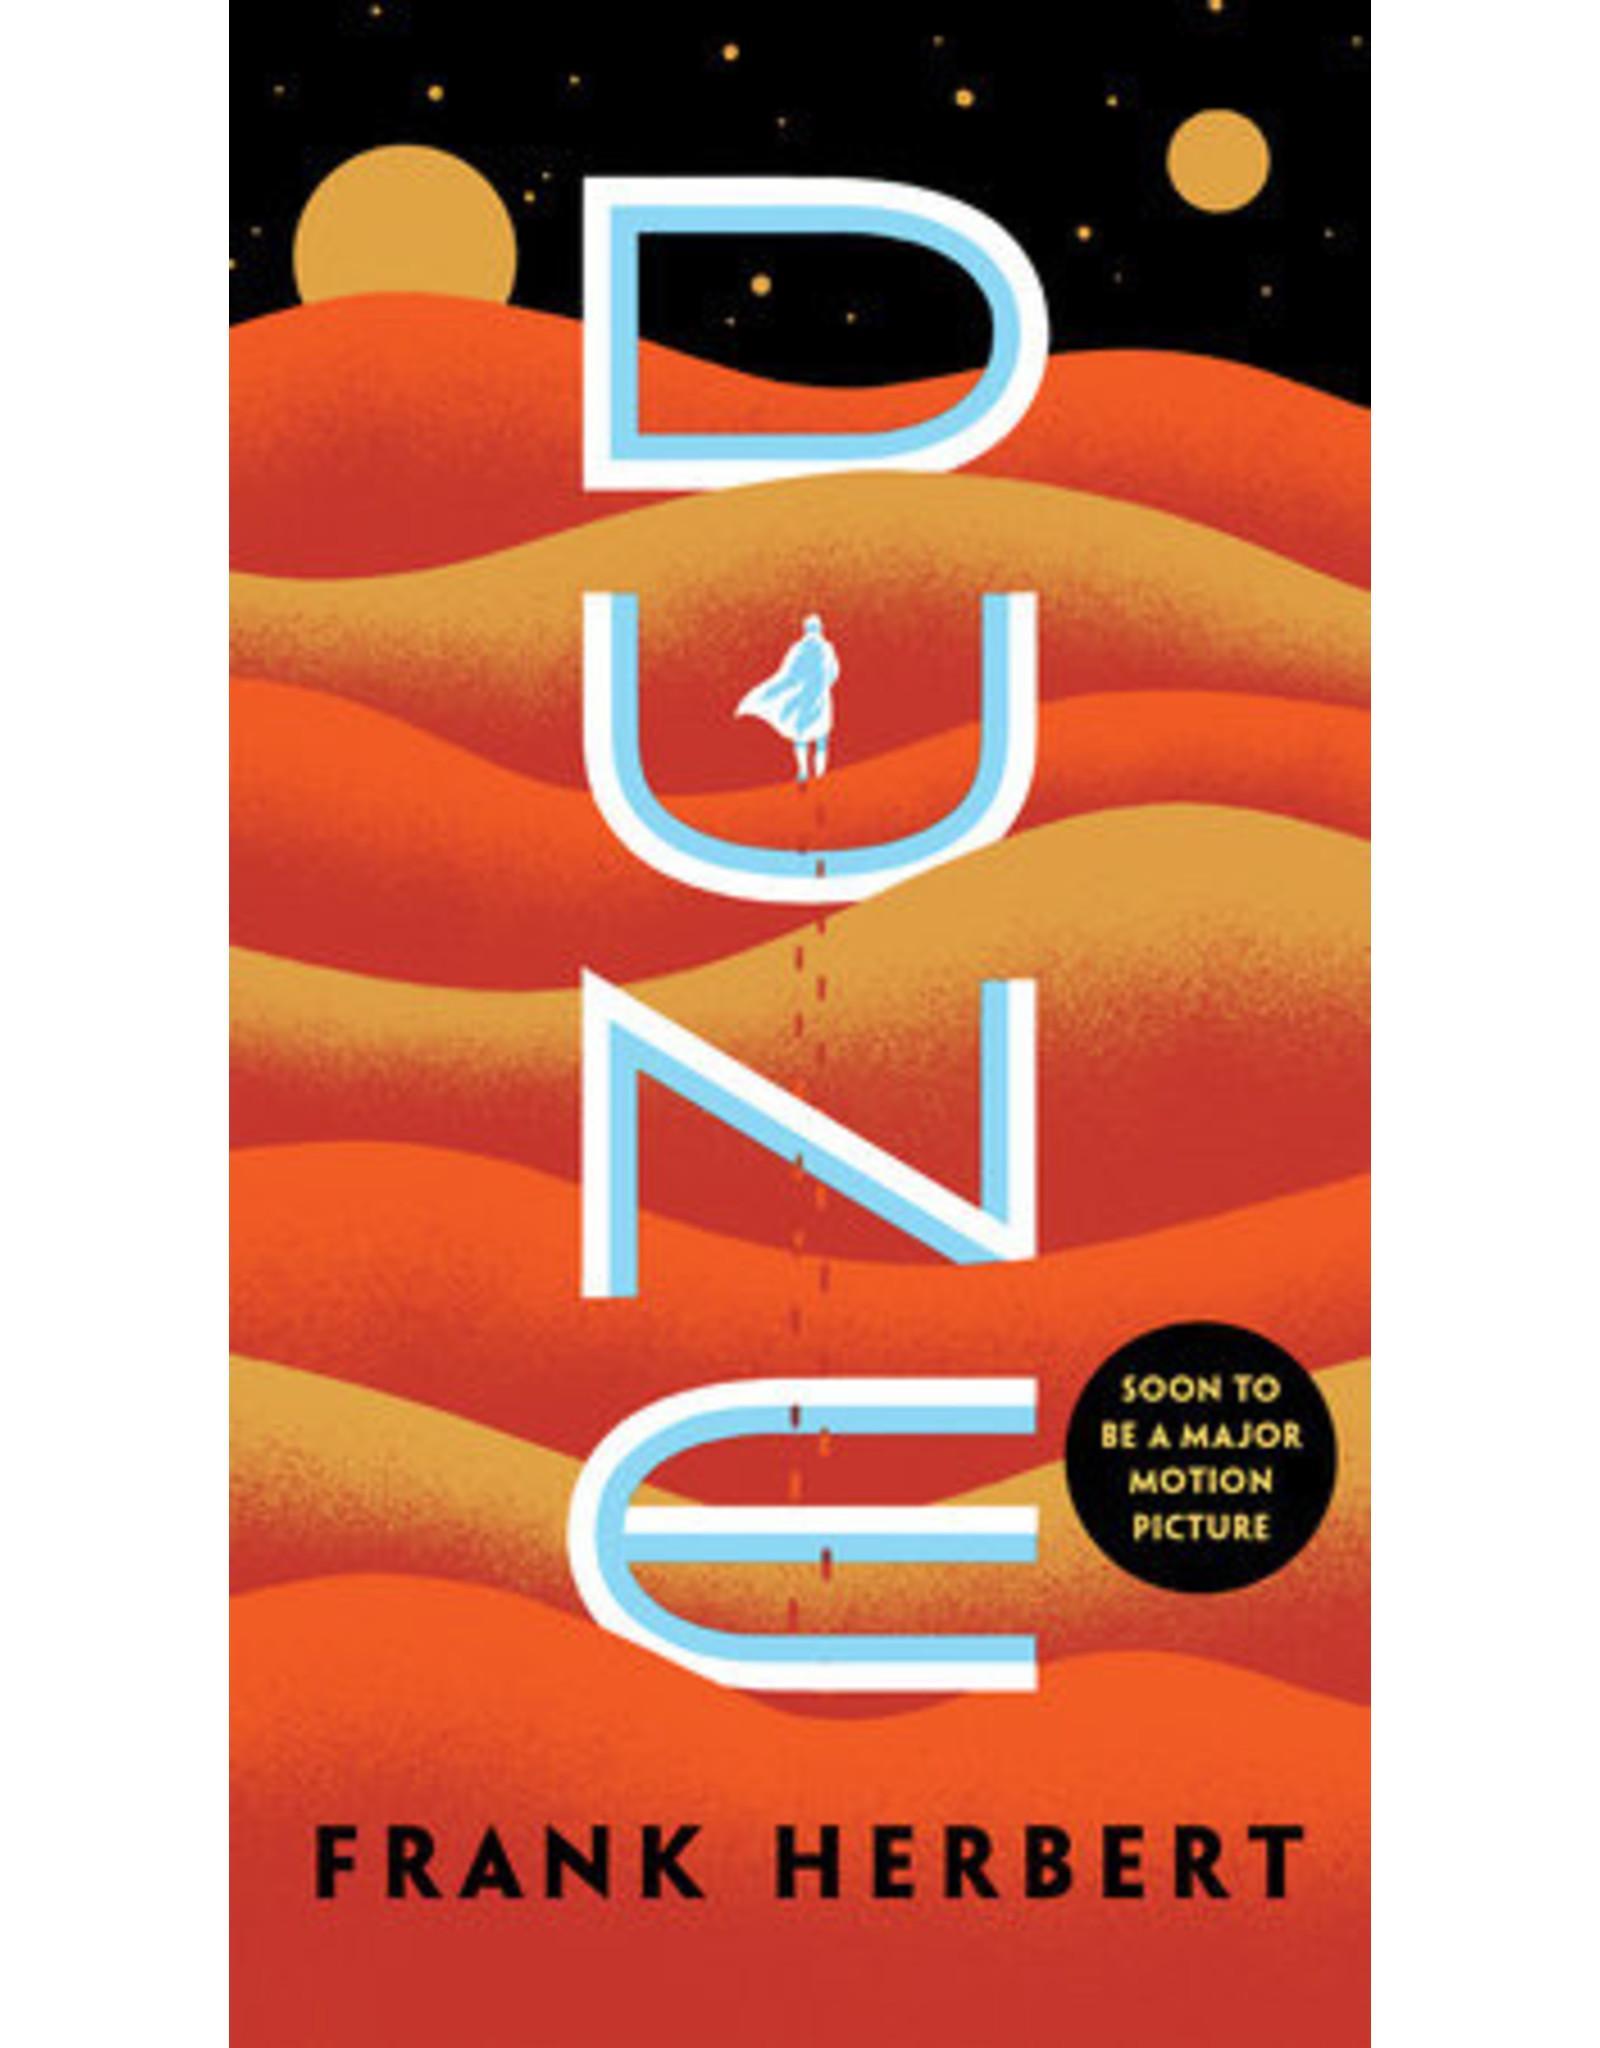 Dune (novel)